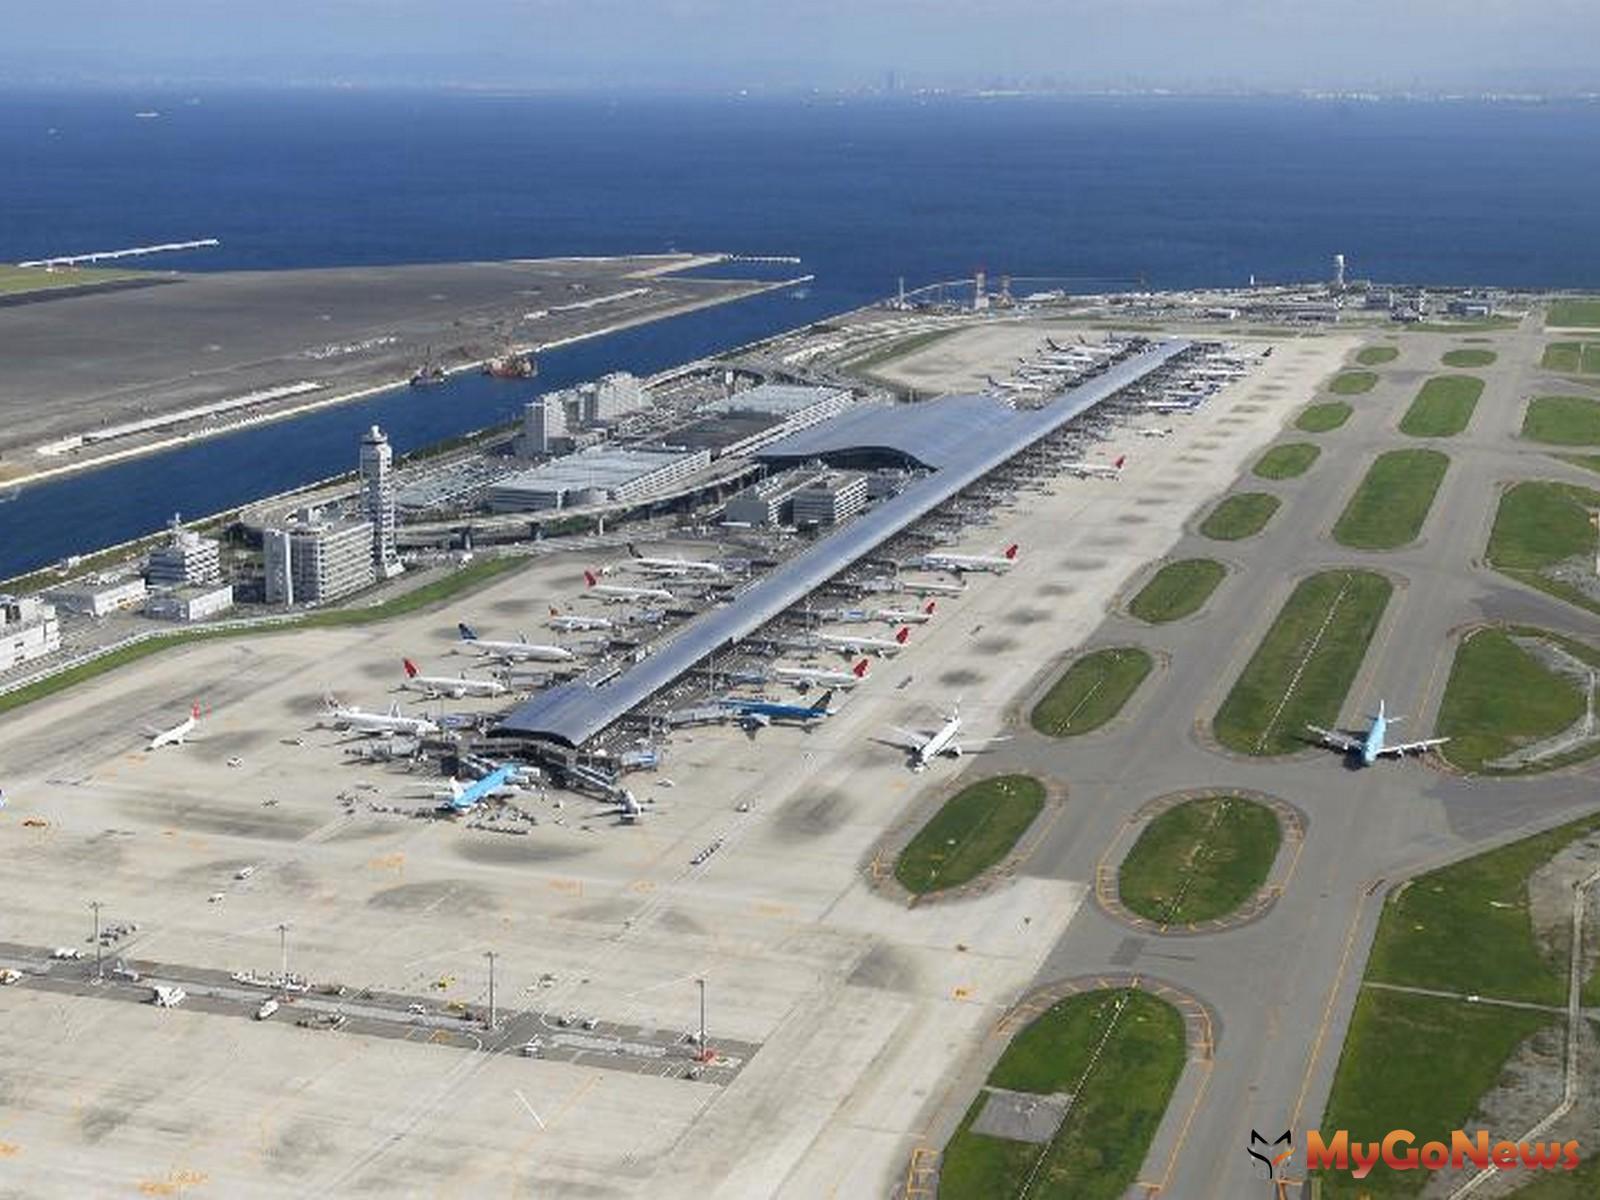 日本國土開發填海造陸完成關西機場奇蹟工程(圖/業者提供) MyGoNews房地產新聞 熱銷推案